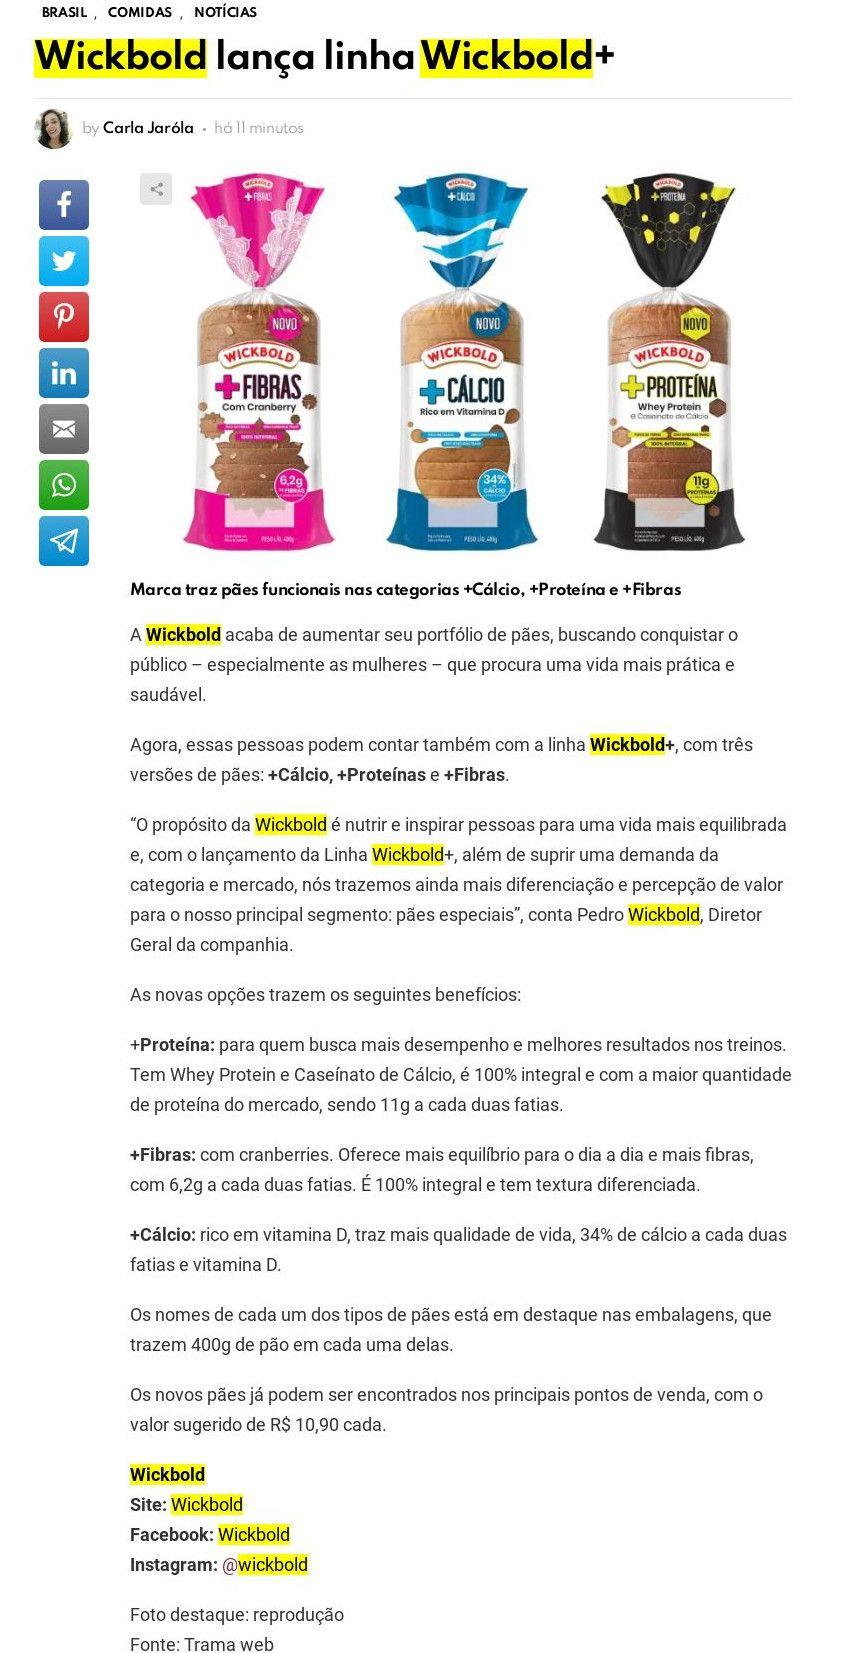 Wickbold lança linha Wickbold+- Gastronominho